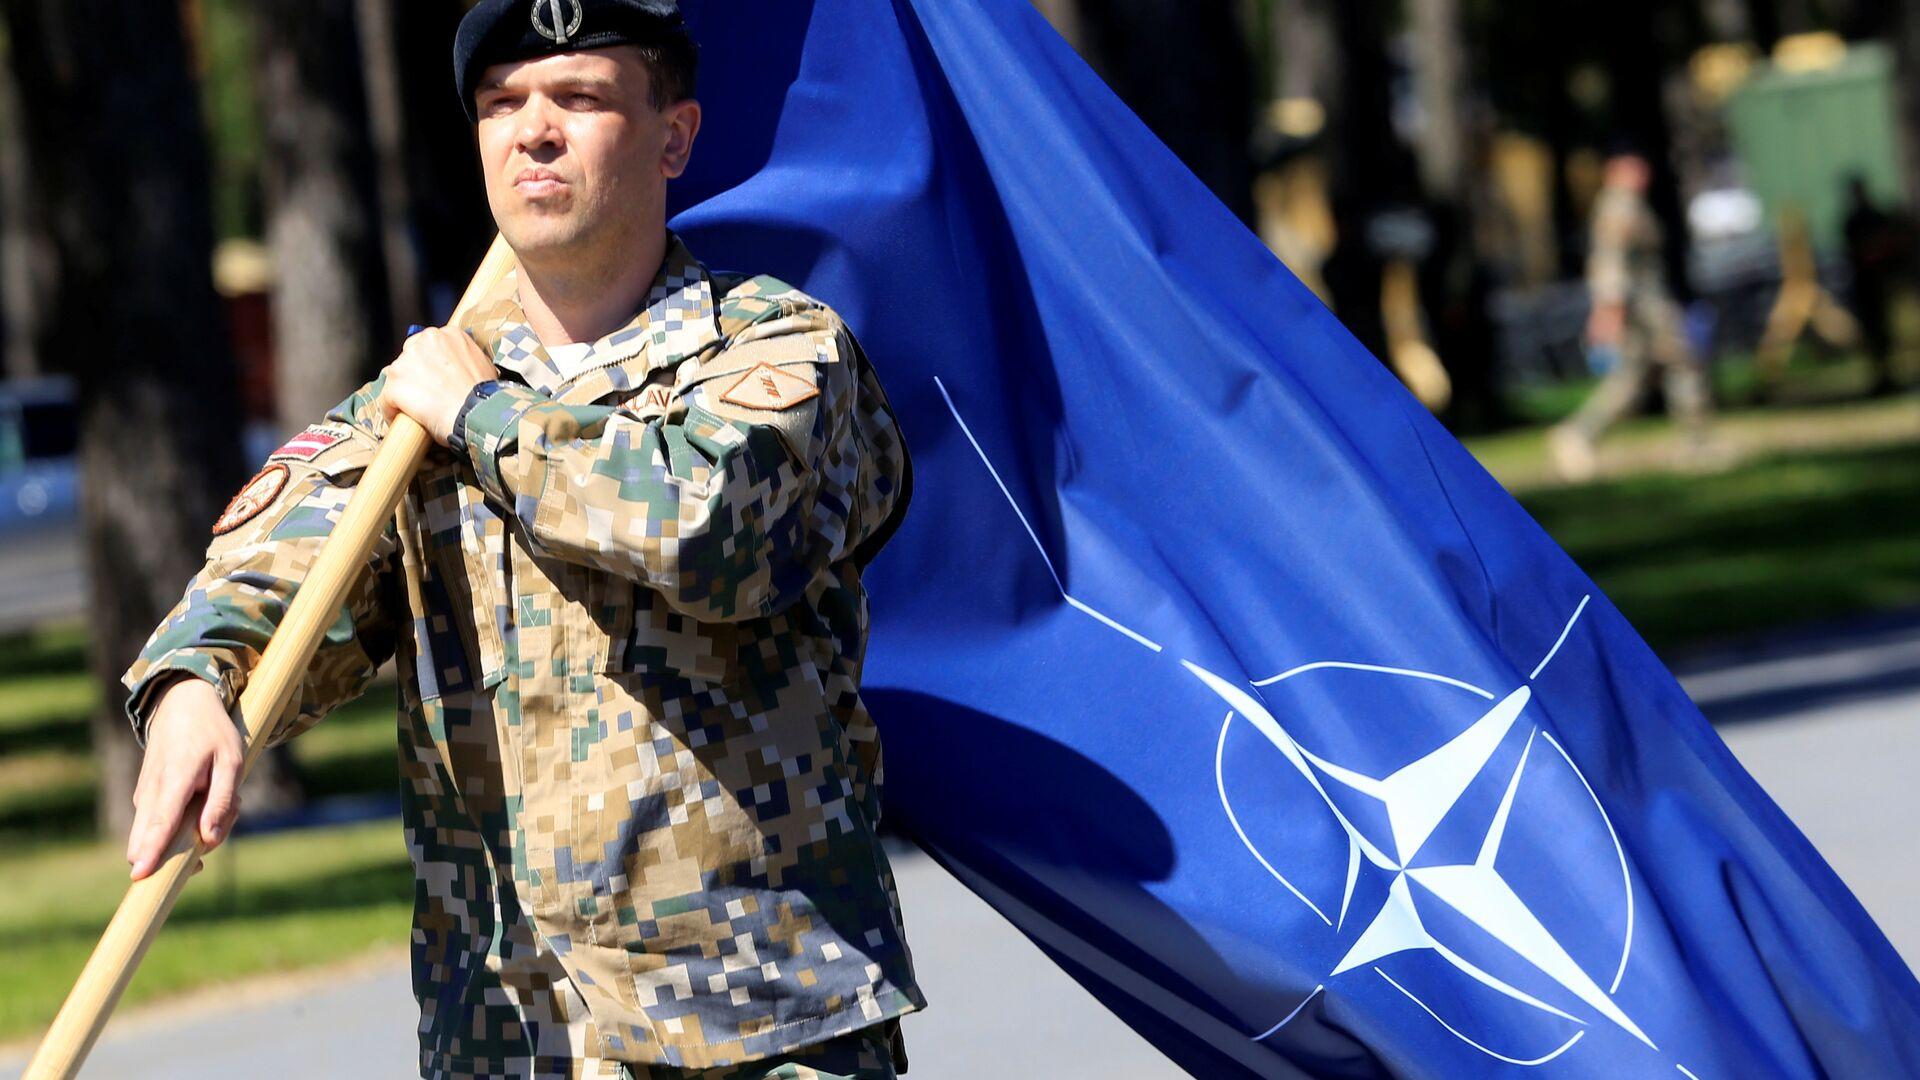 Bandera de la OTAN - Sputnik Mundo, 1920, 22.04.2021